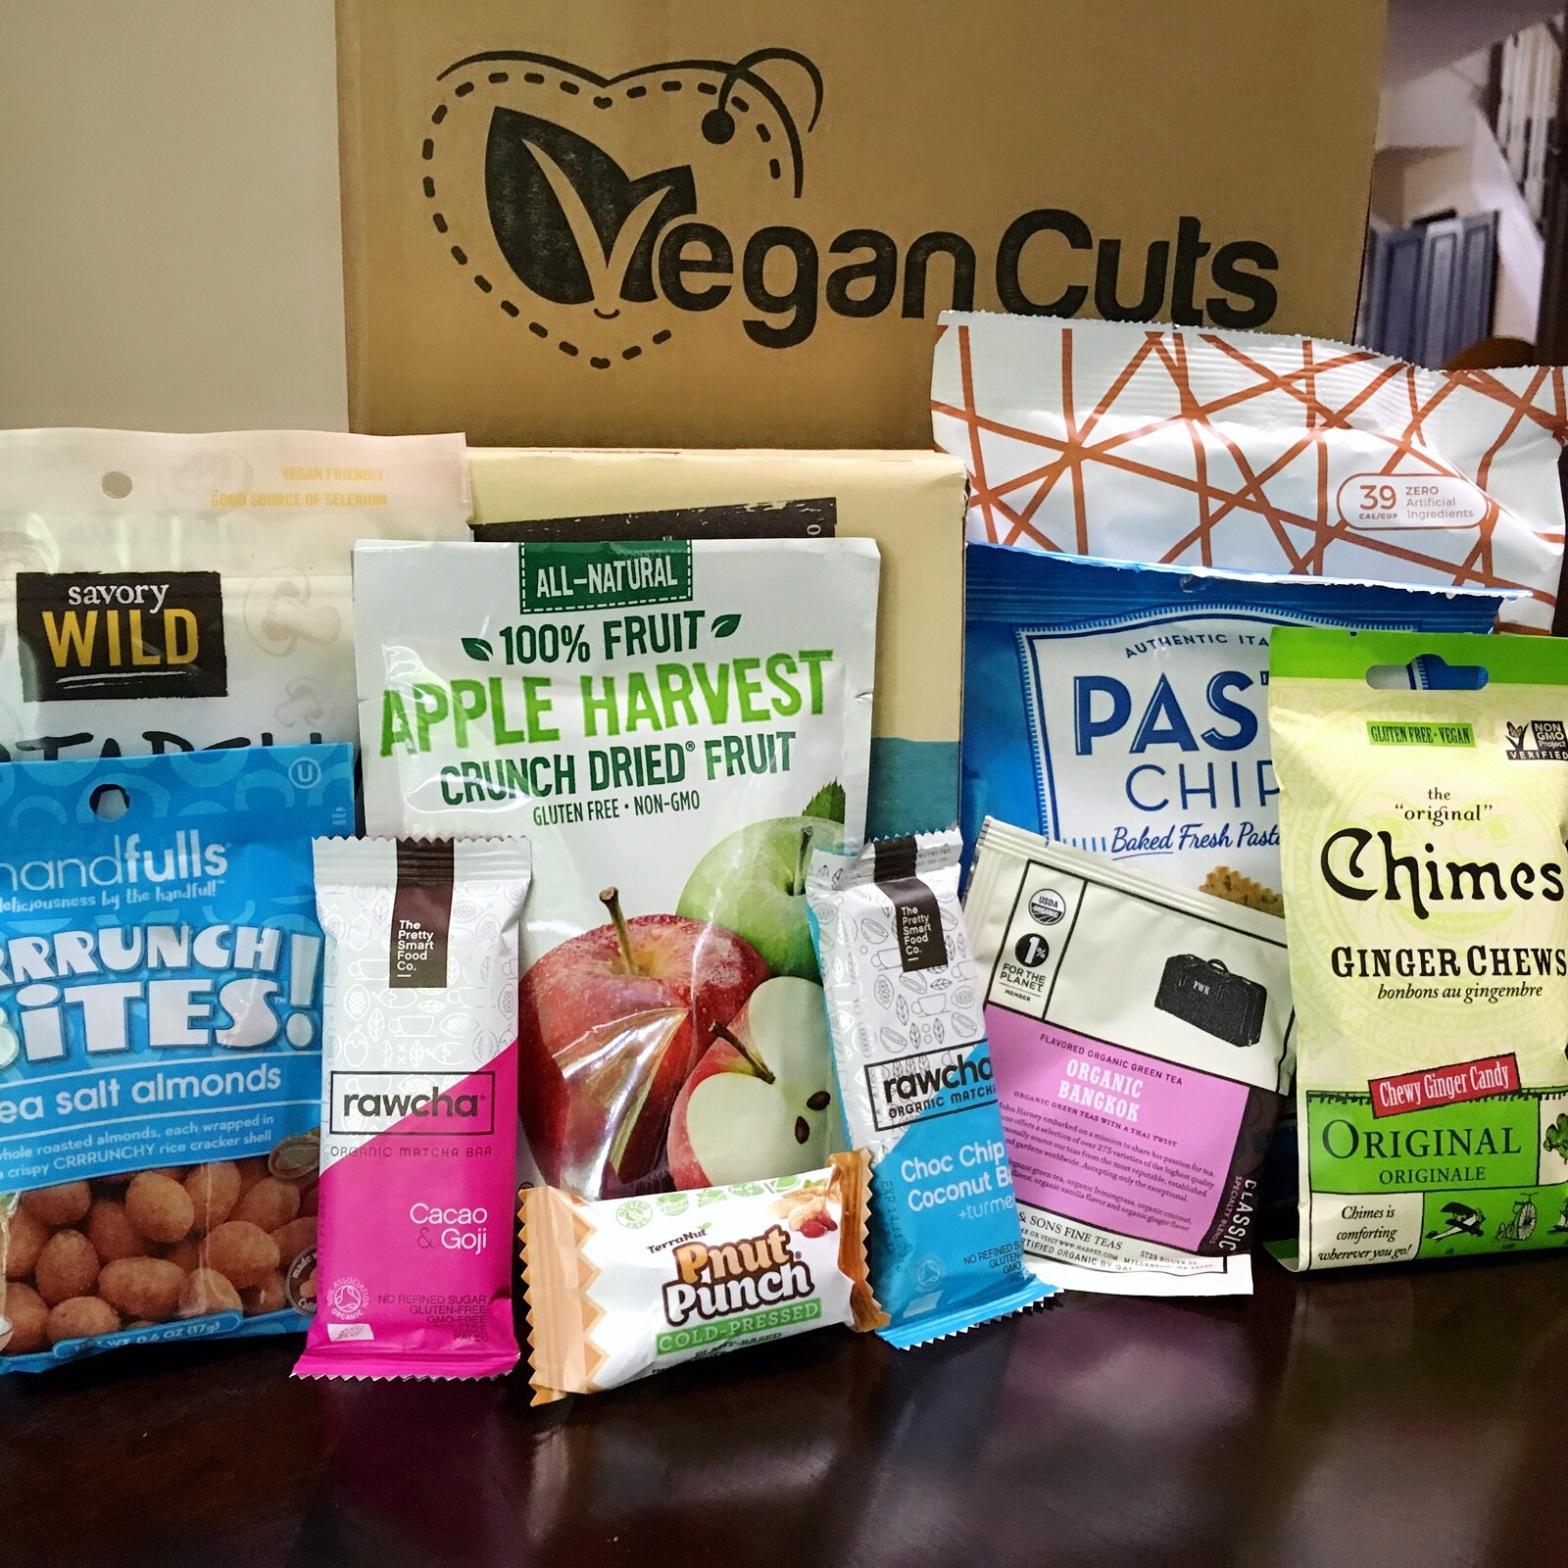 vegan cuts review